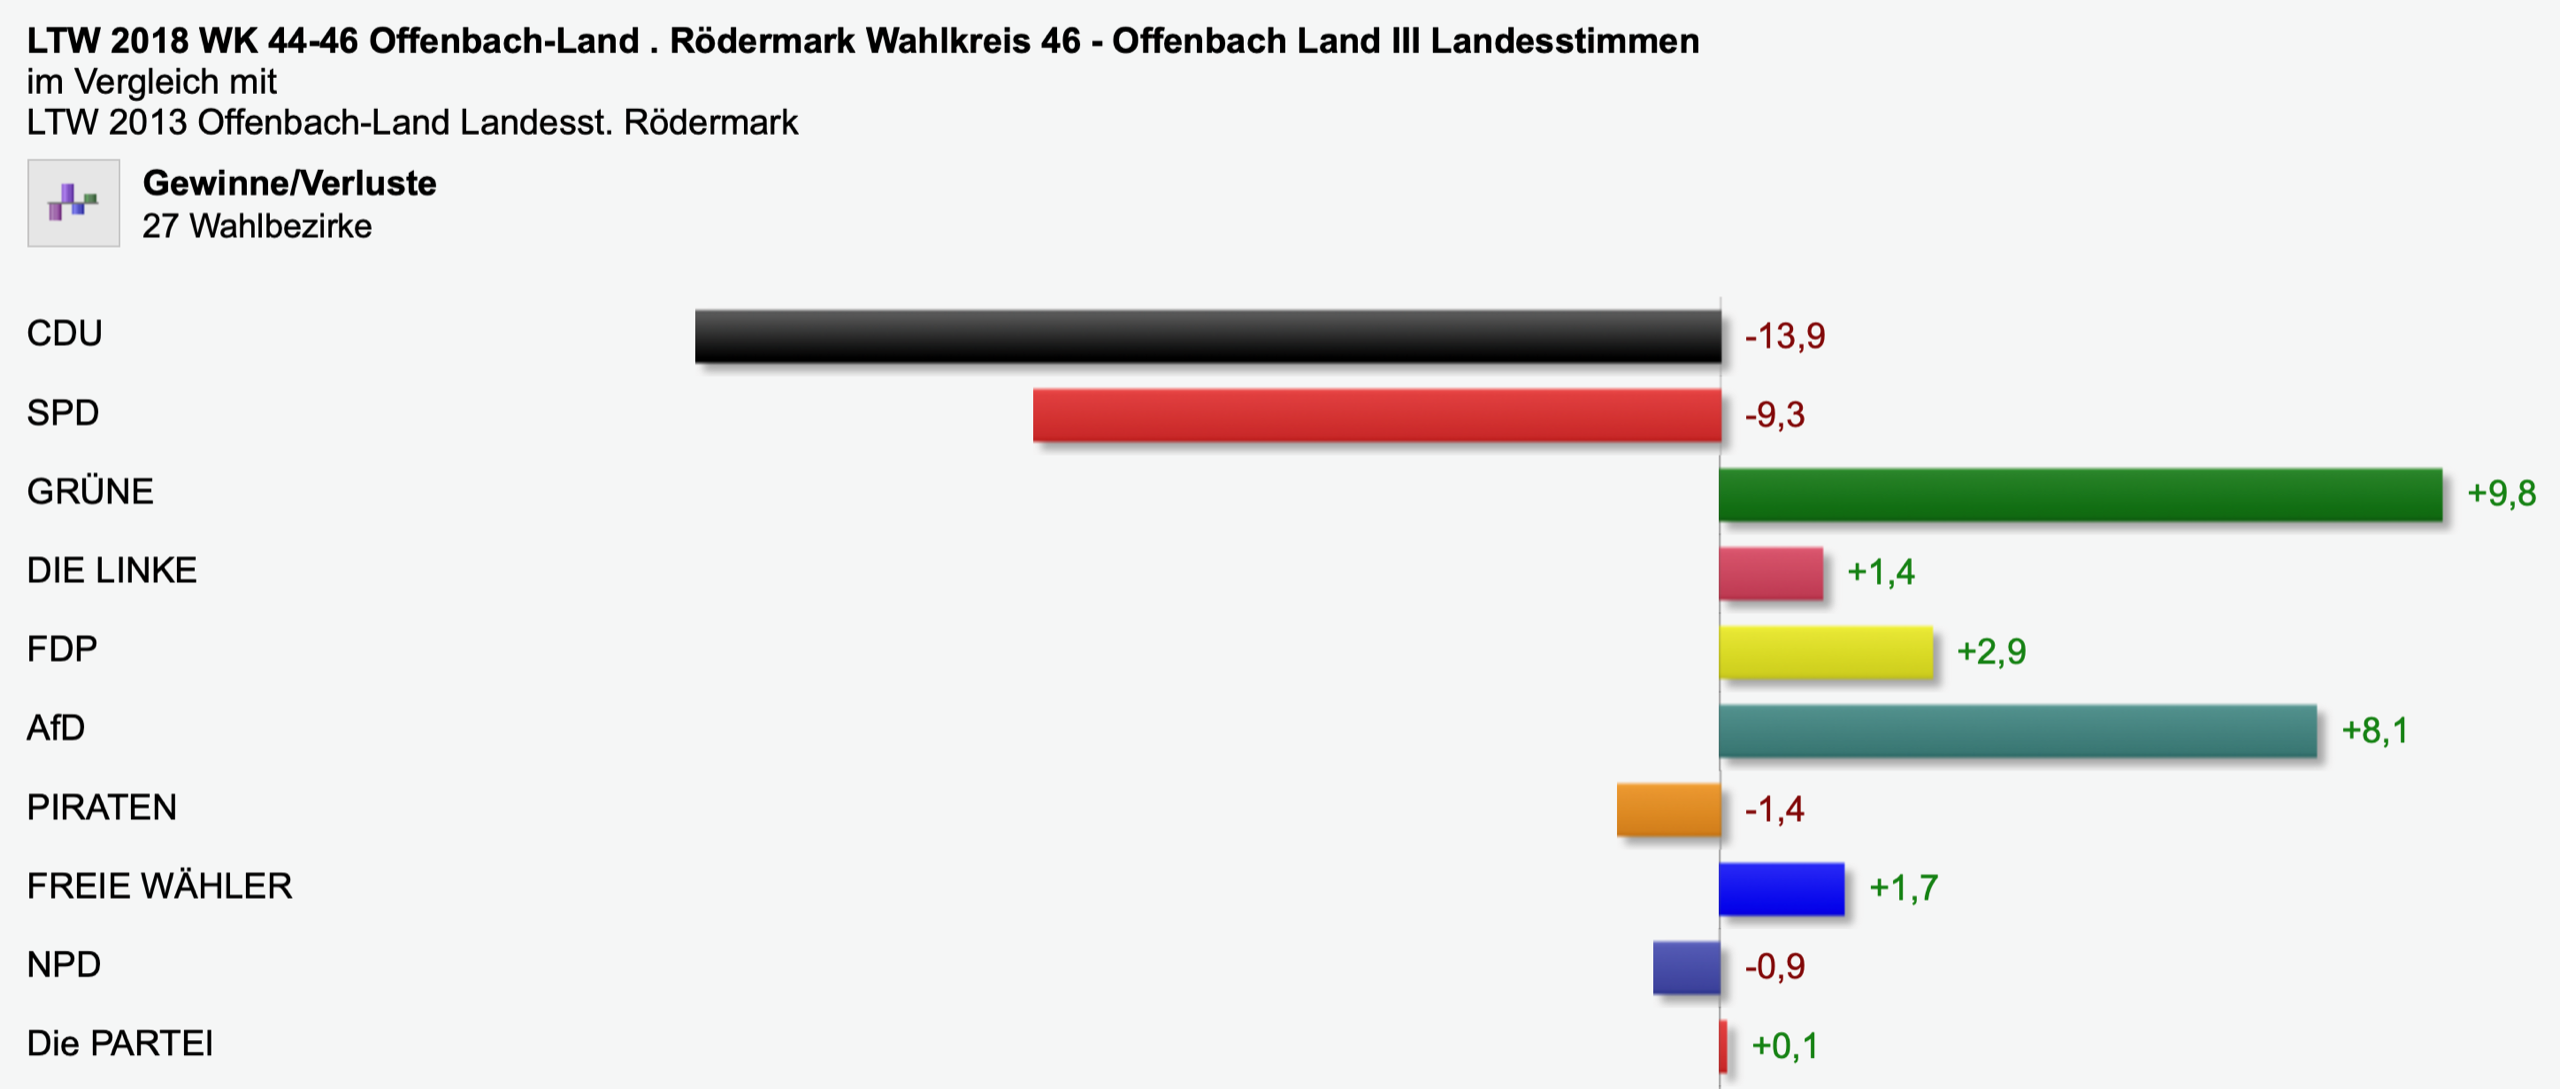 Landtagswahl Gewinne/Verluste 2018